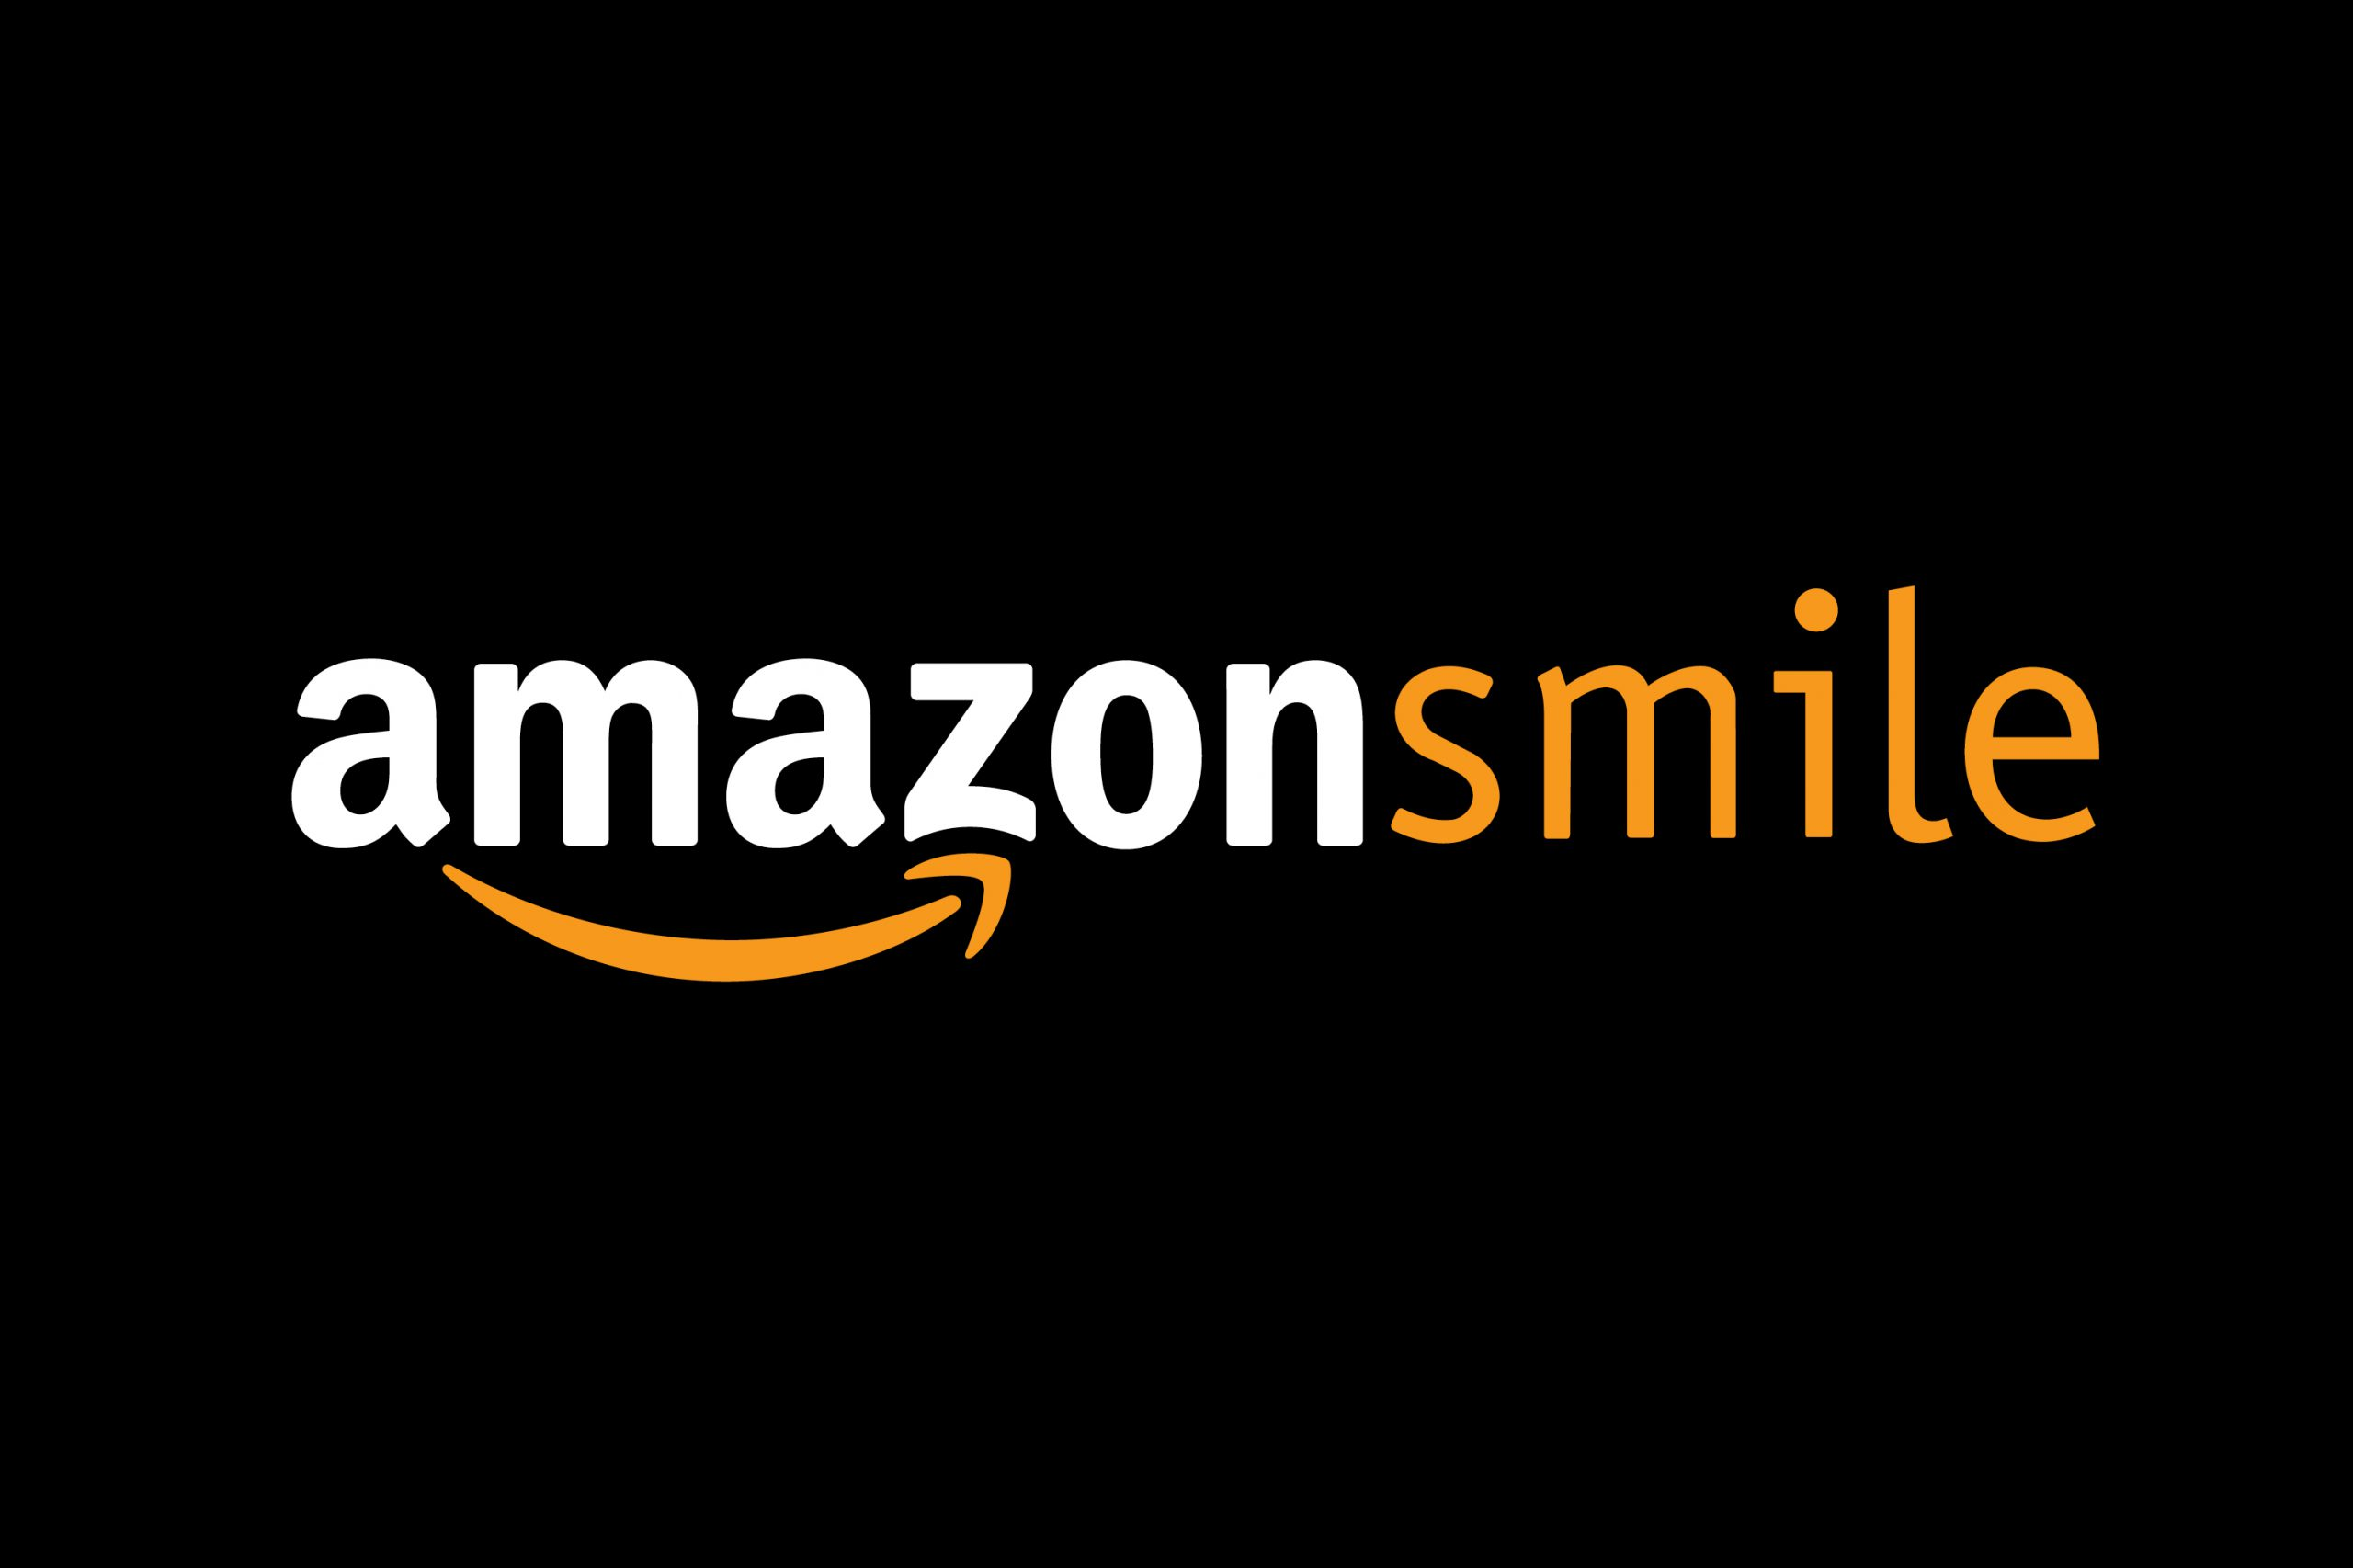 Amazon Smile Logo white out of black